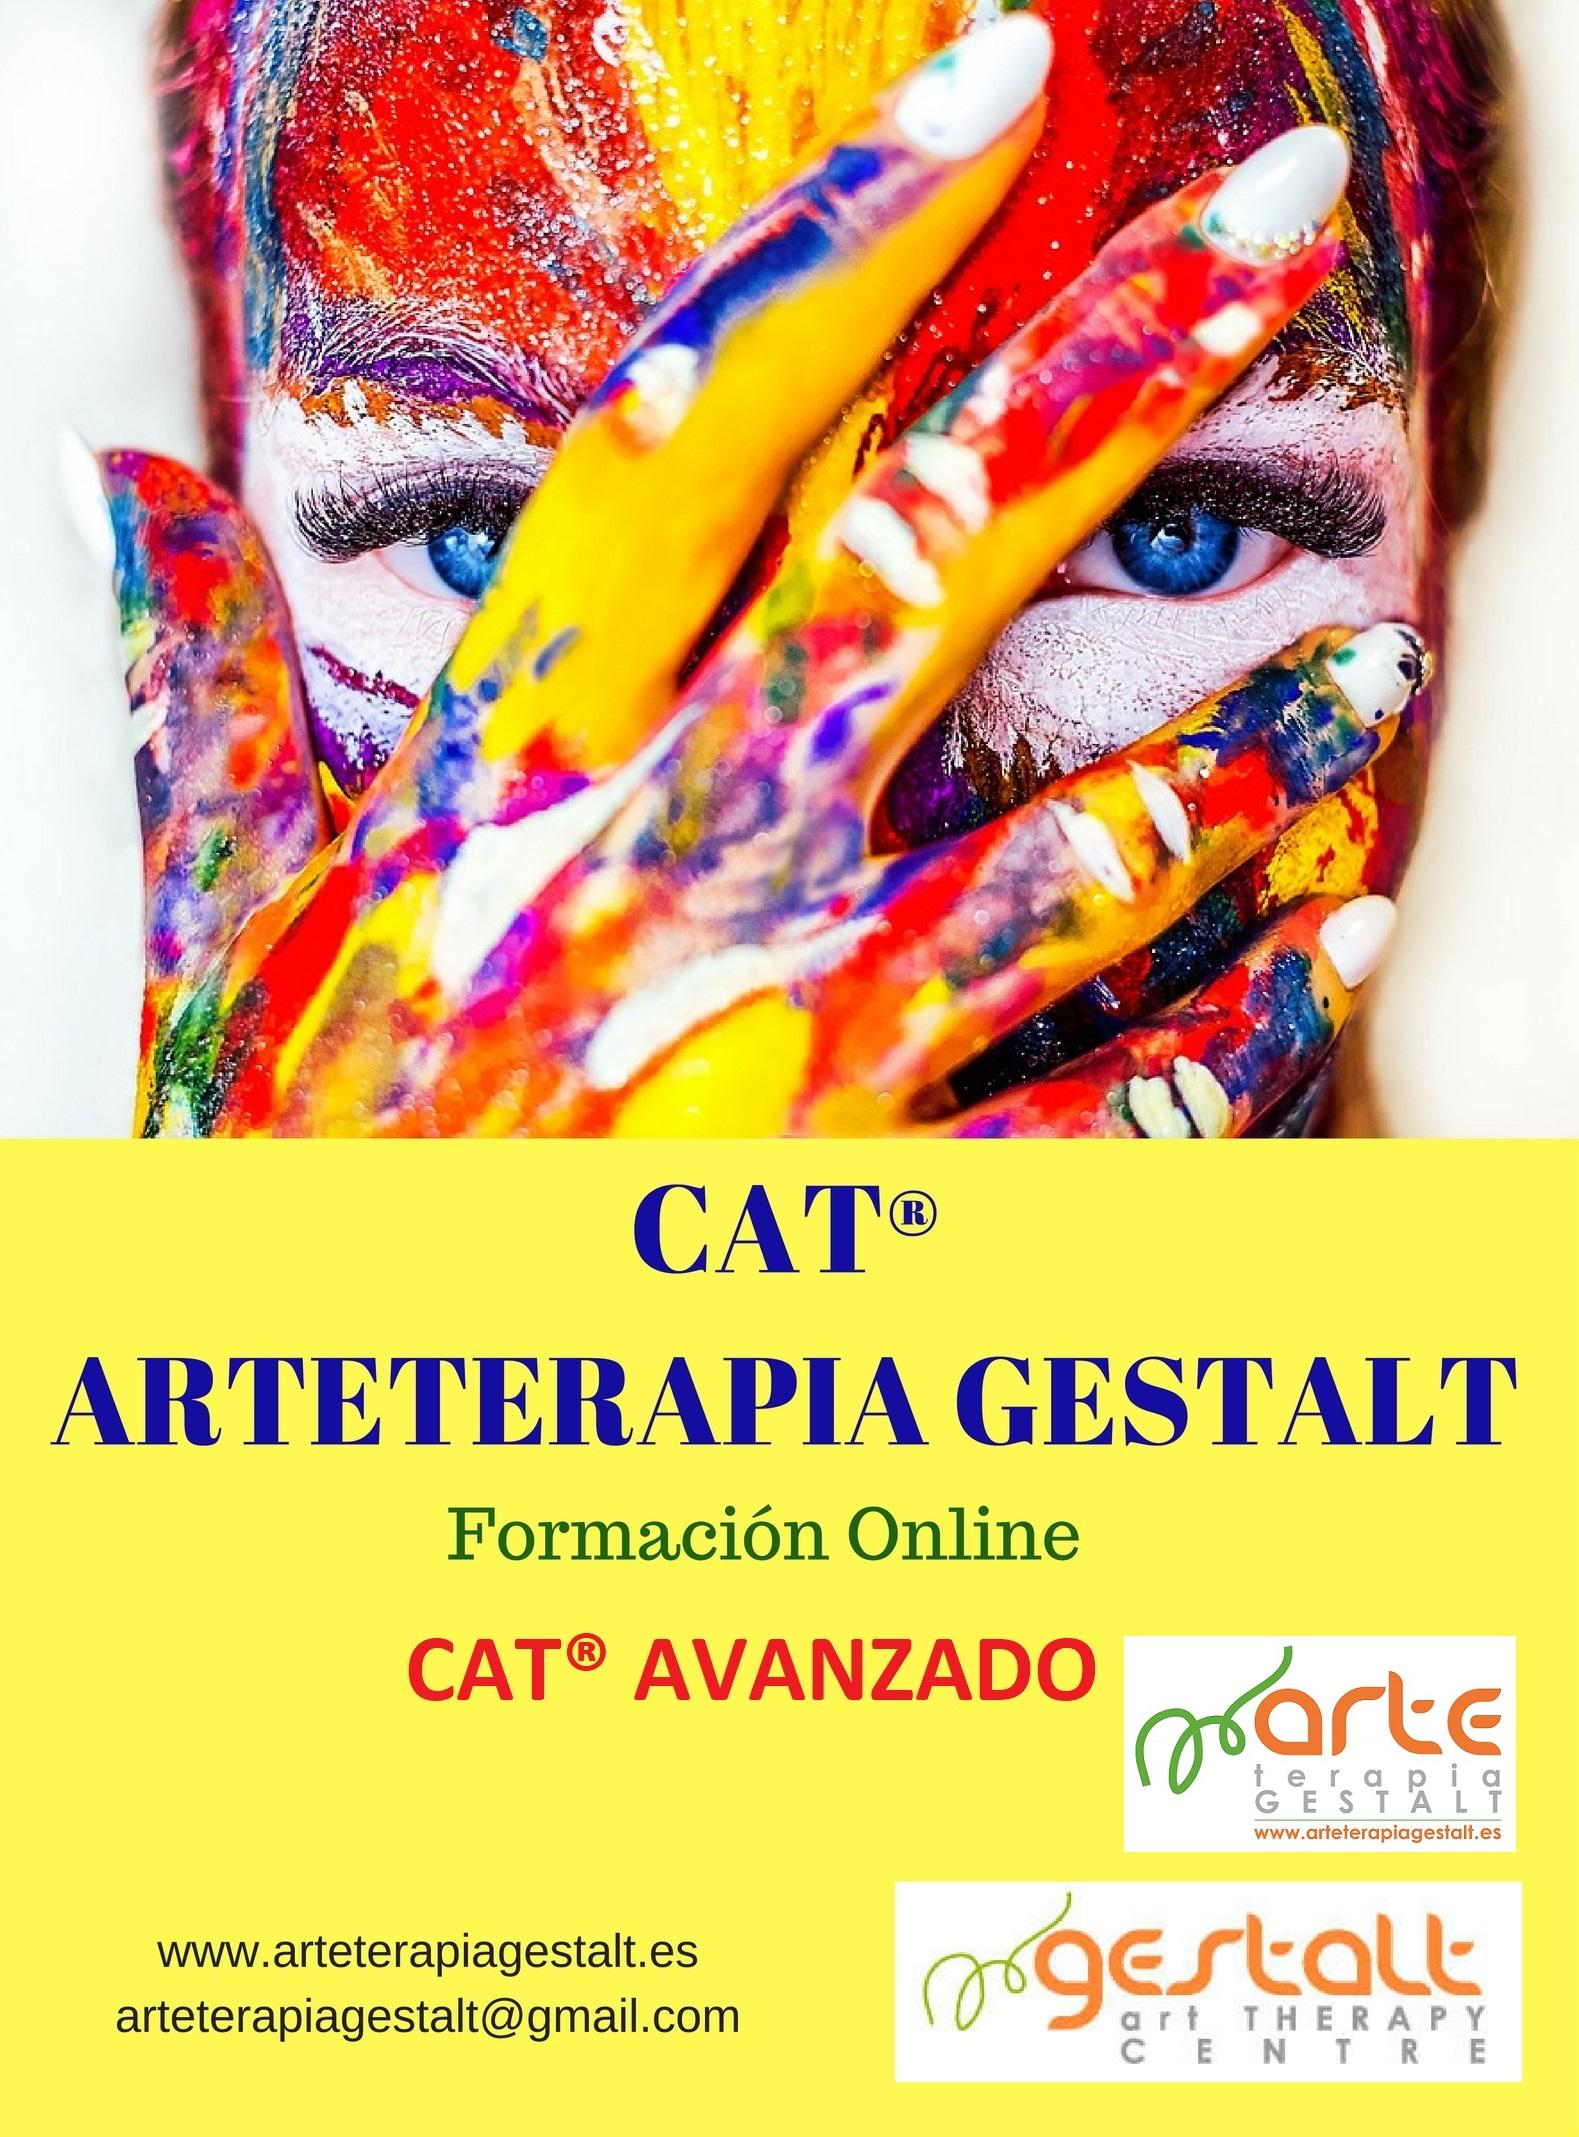 imagen: 2019 Formación ONLINE- CAT® AVANZADO- Capability Art Therapy Arteterapia Gestalt